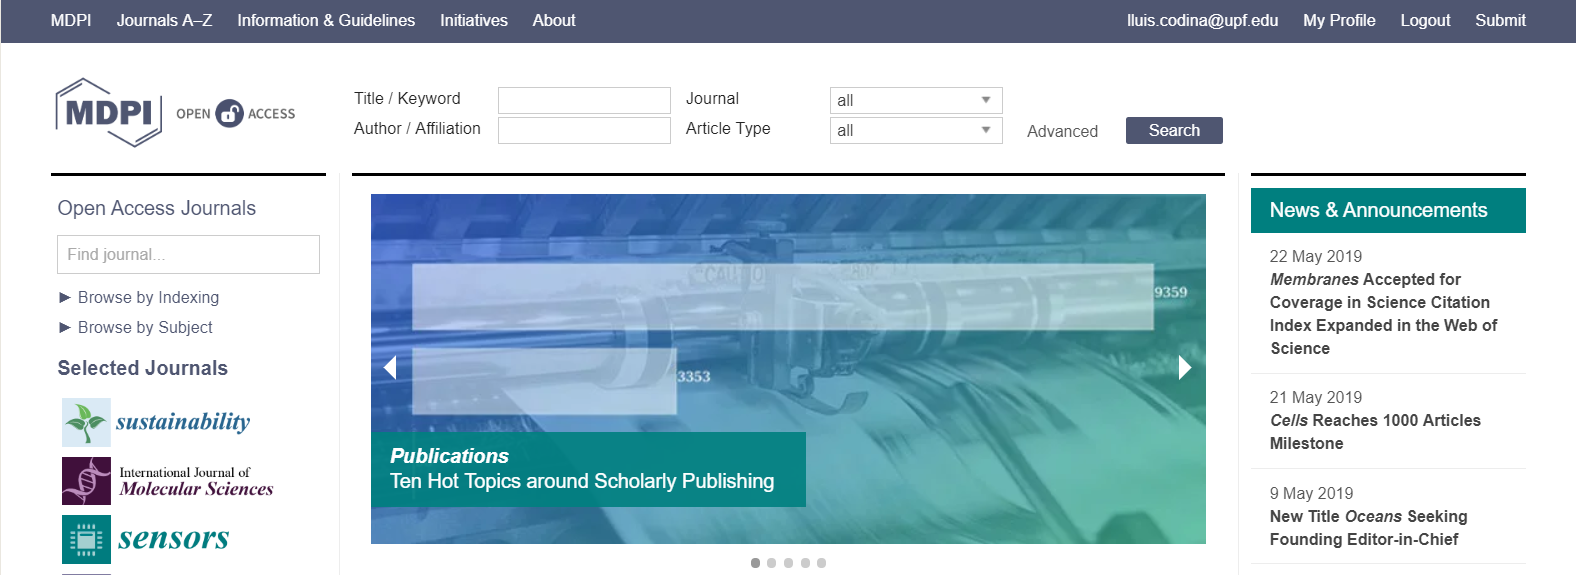 Cabecera de la plataforma académica digital MDPI